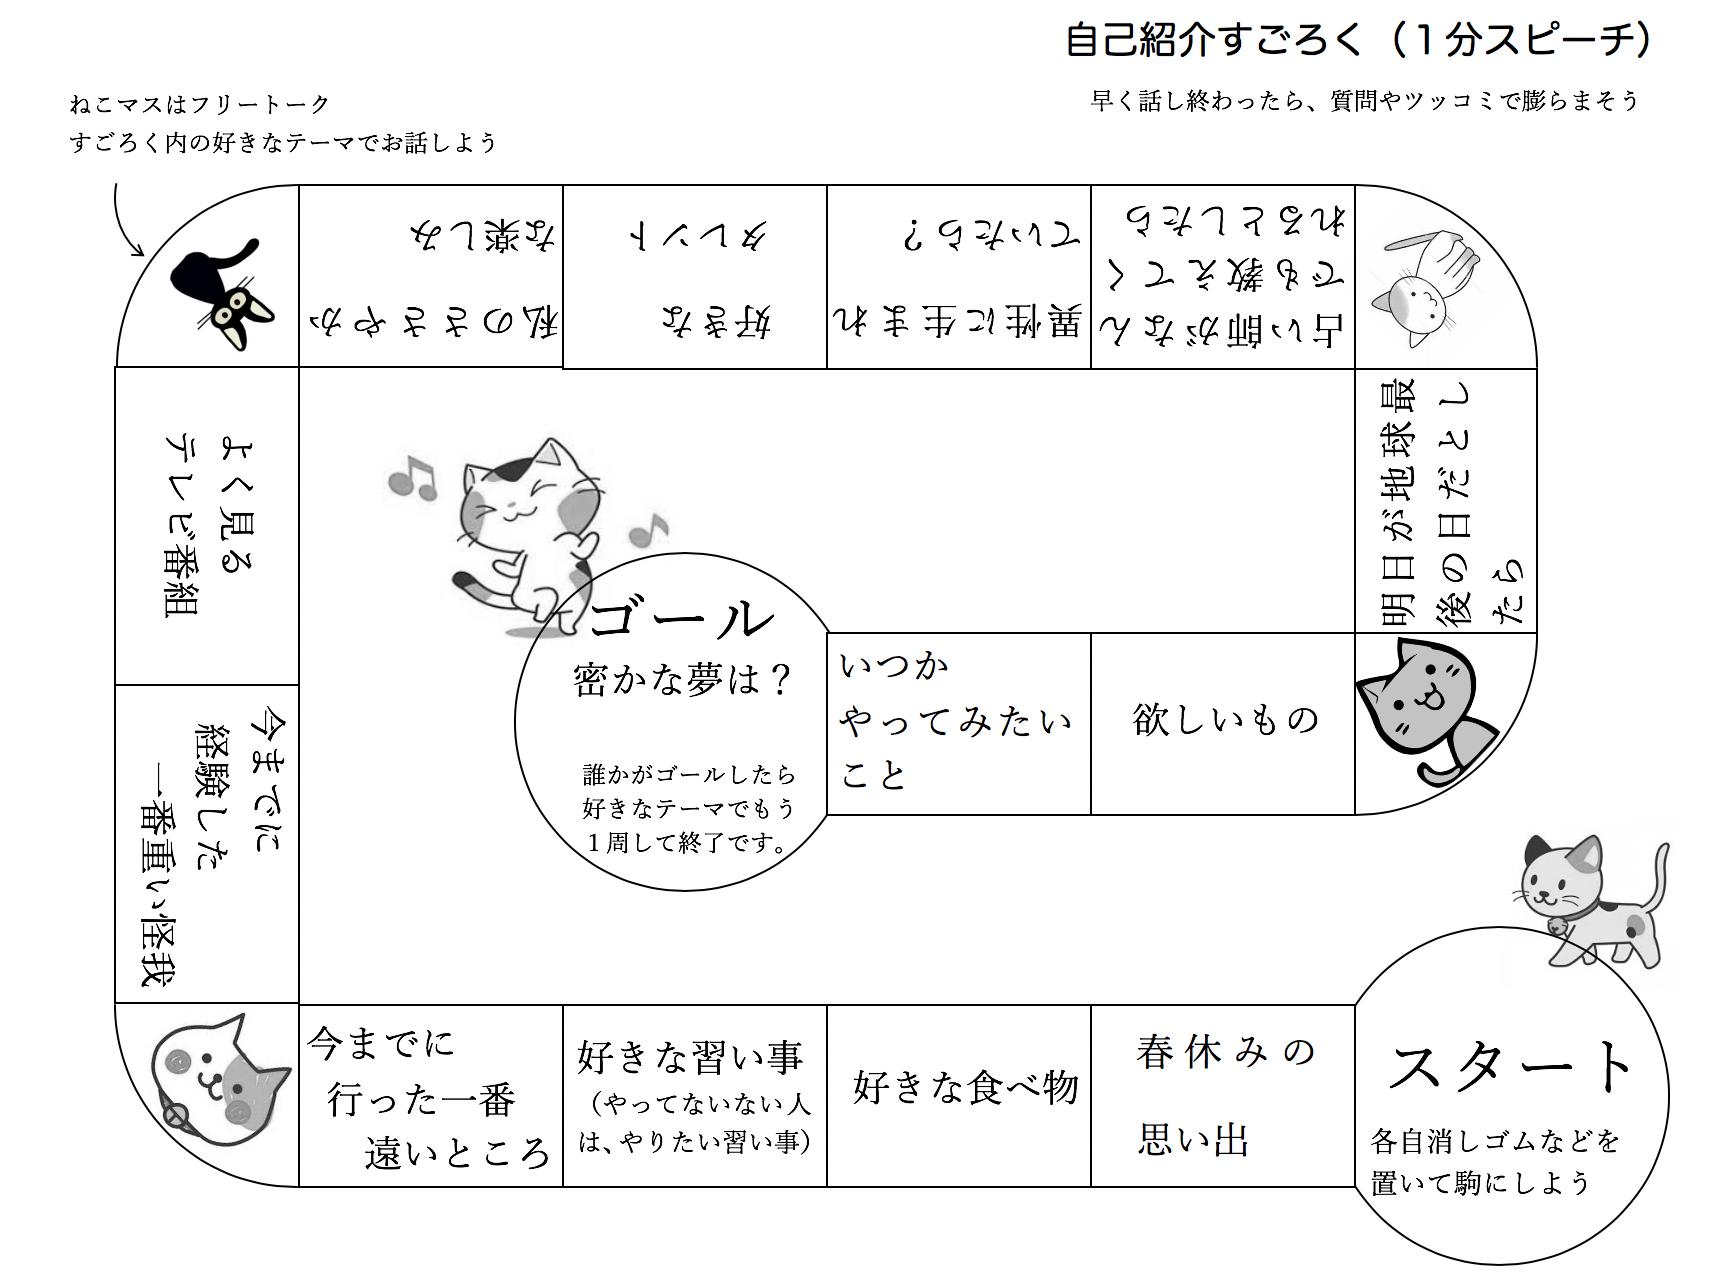 【wordデータ有】自己紹介すごろく【学級びらきのツール】